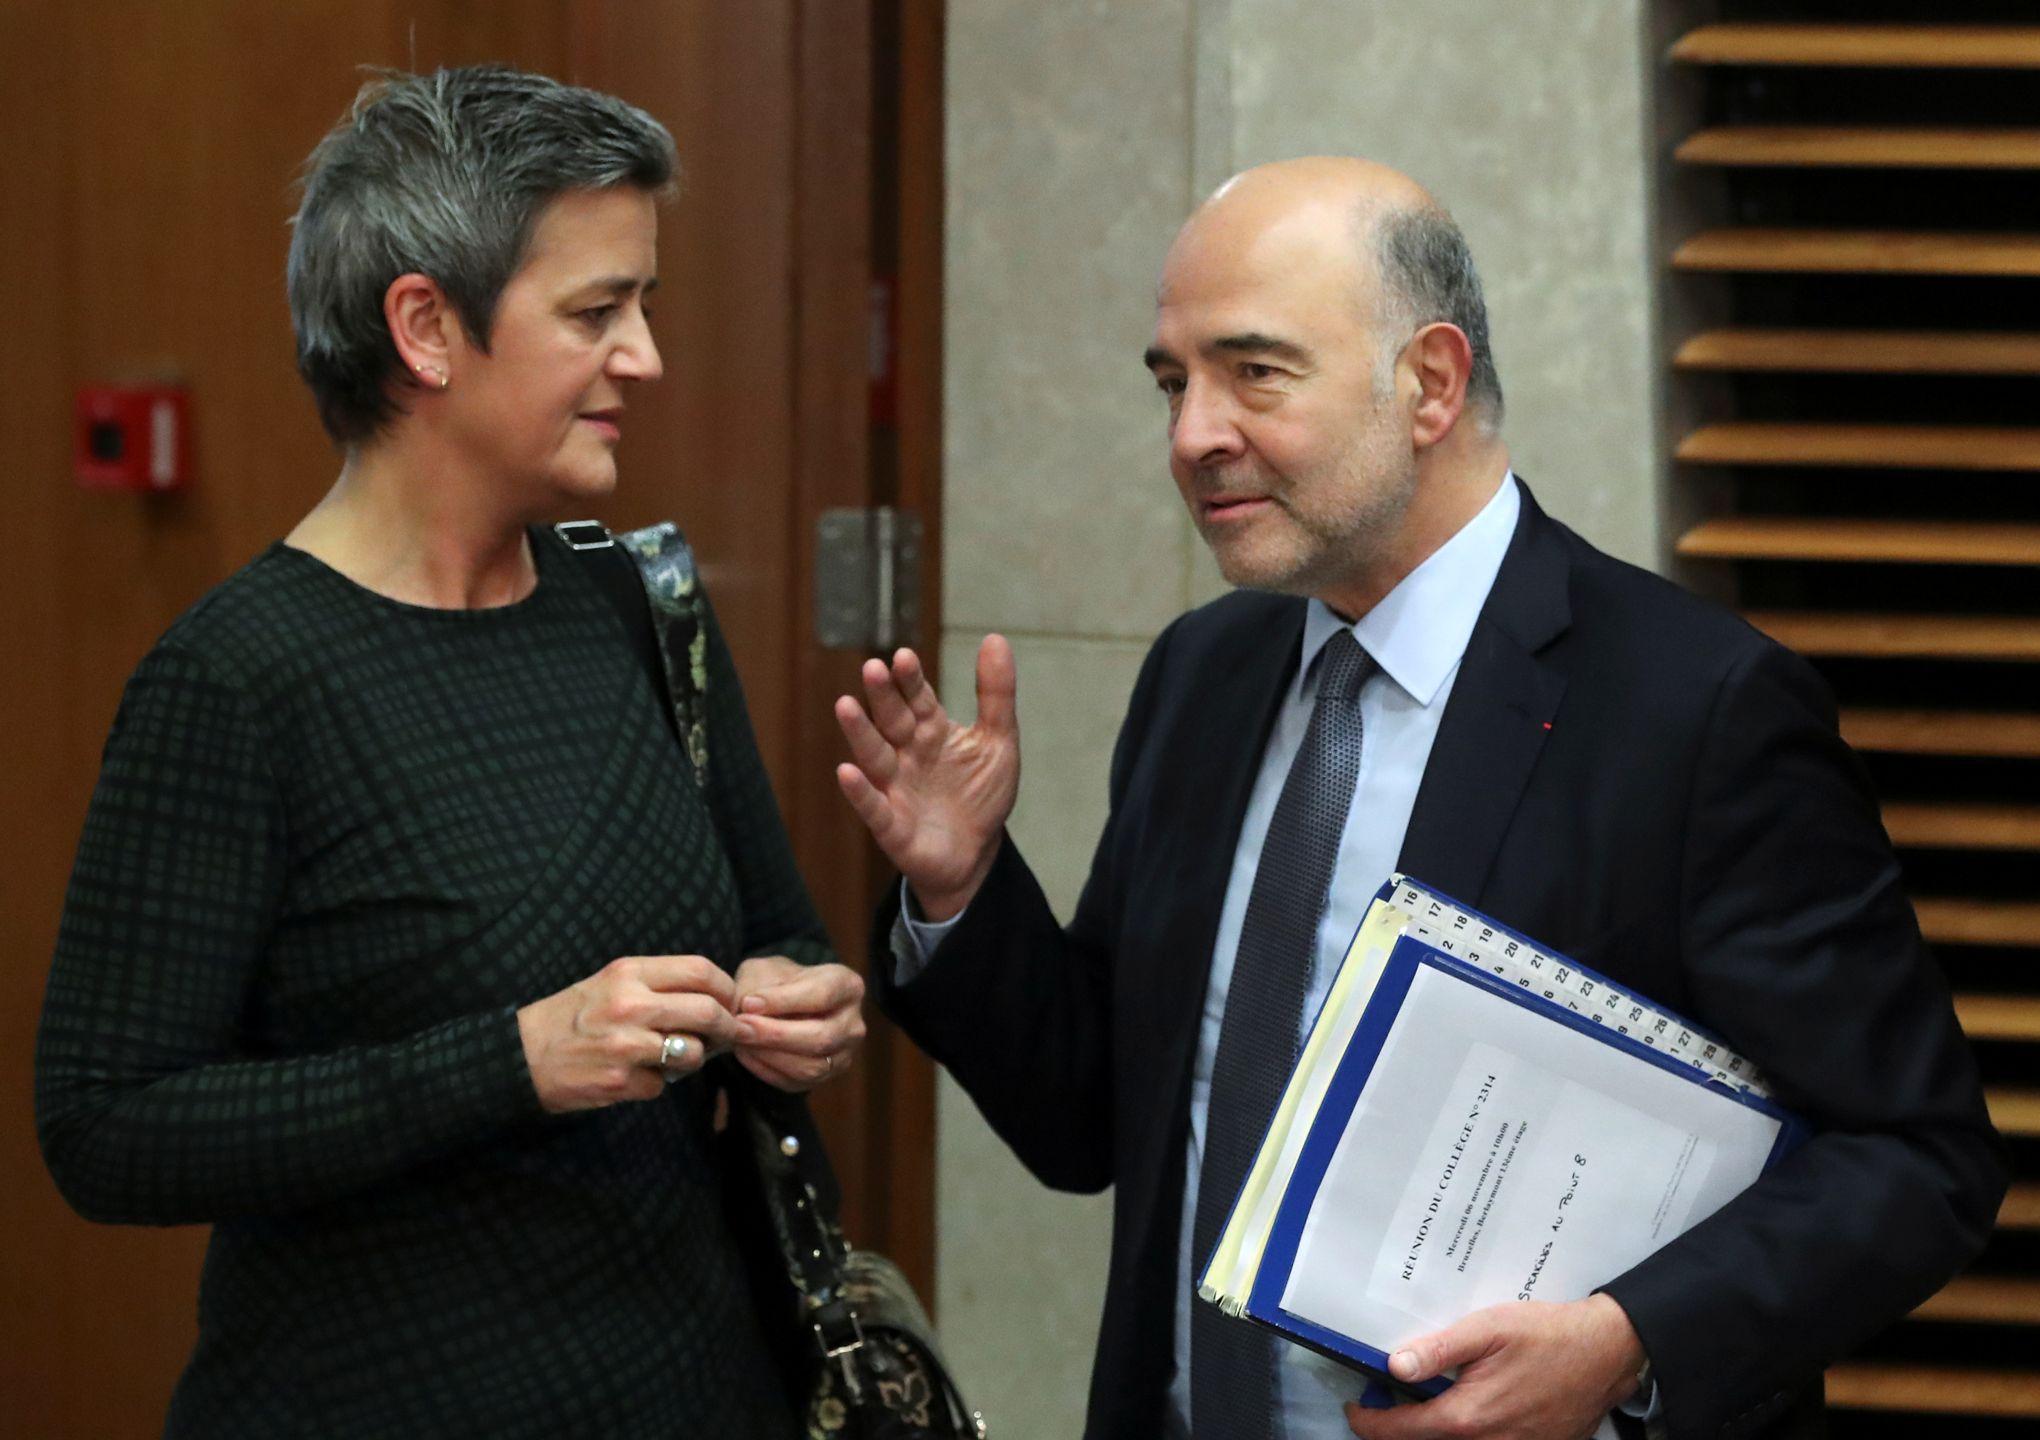 La Commission alerte sur le «chemin difficile» que l'Union européenne va parcourir